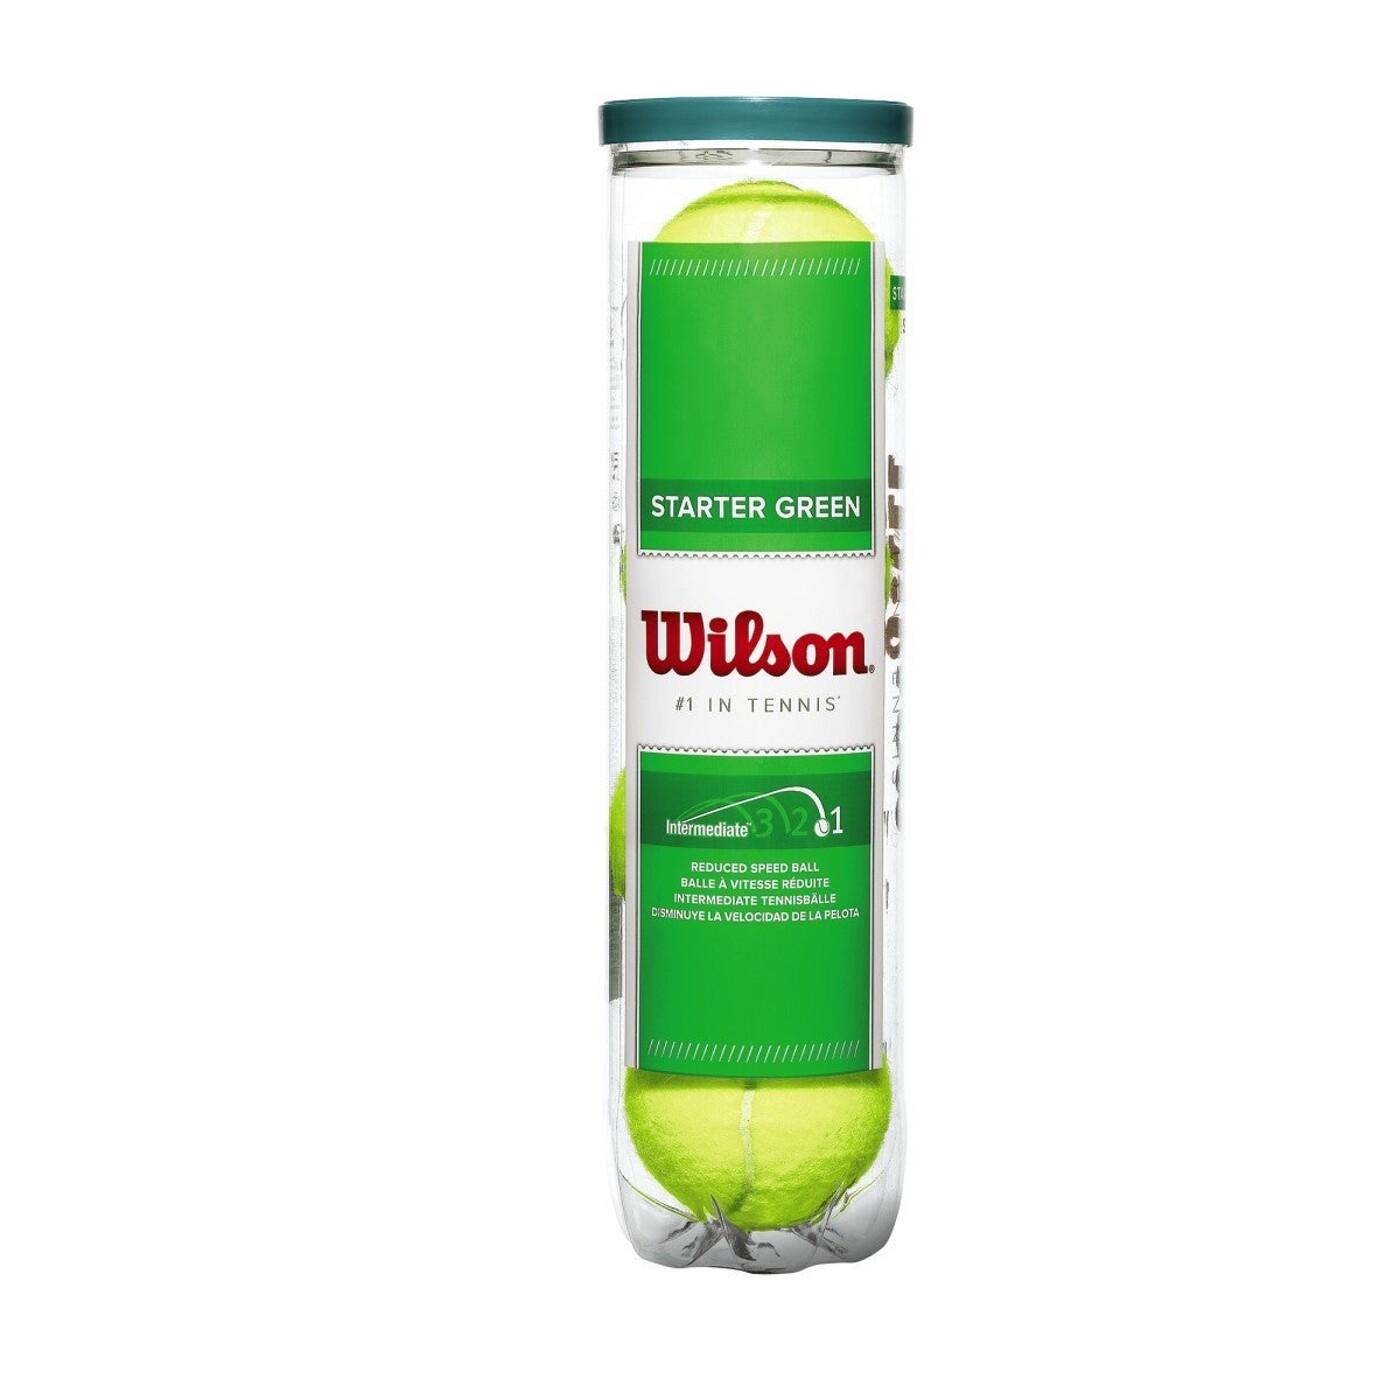 Tennisball STARTER PLAY GREEN 4TBALL WILSON